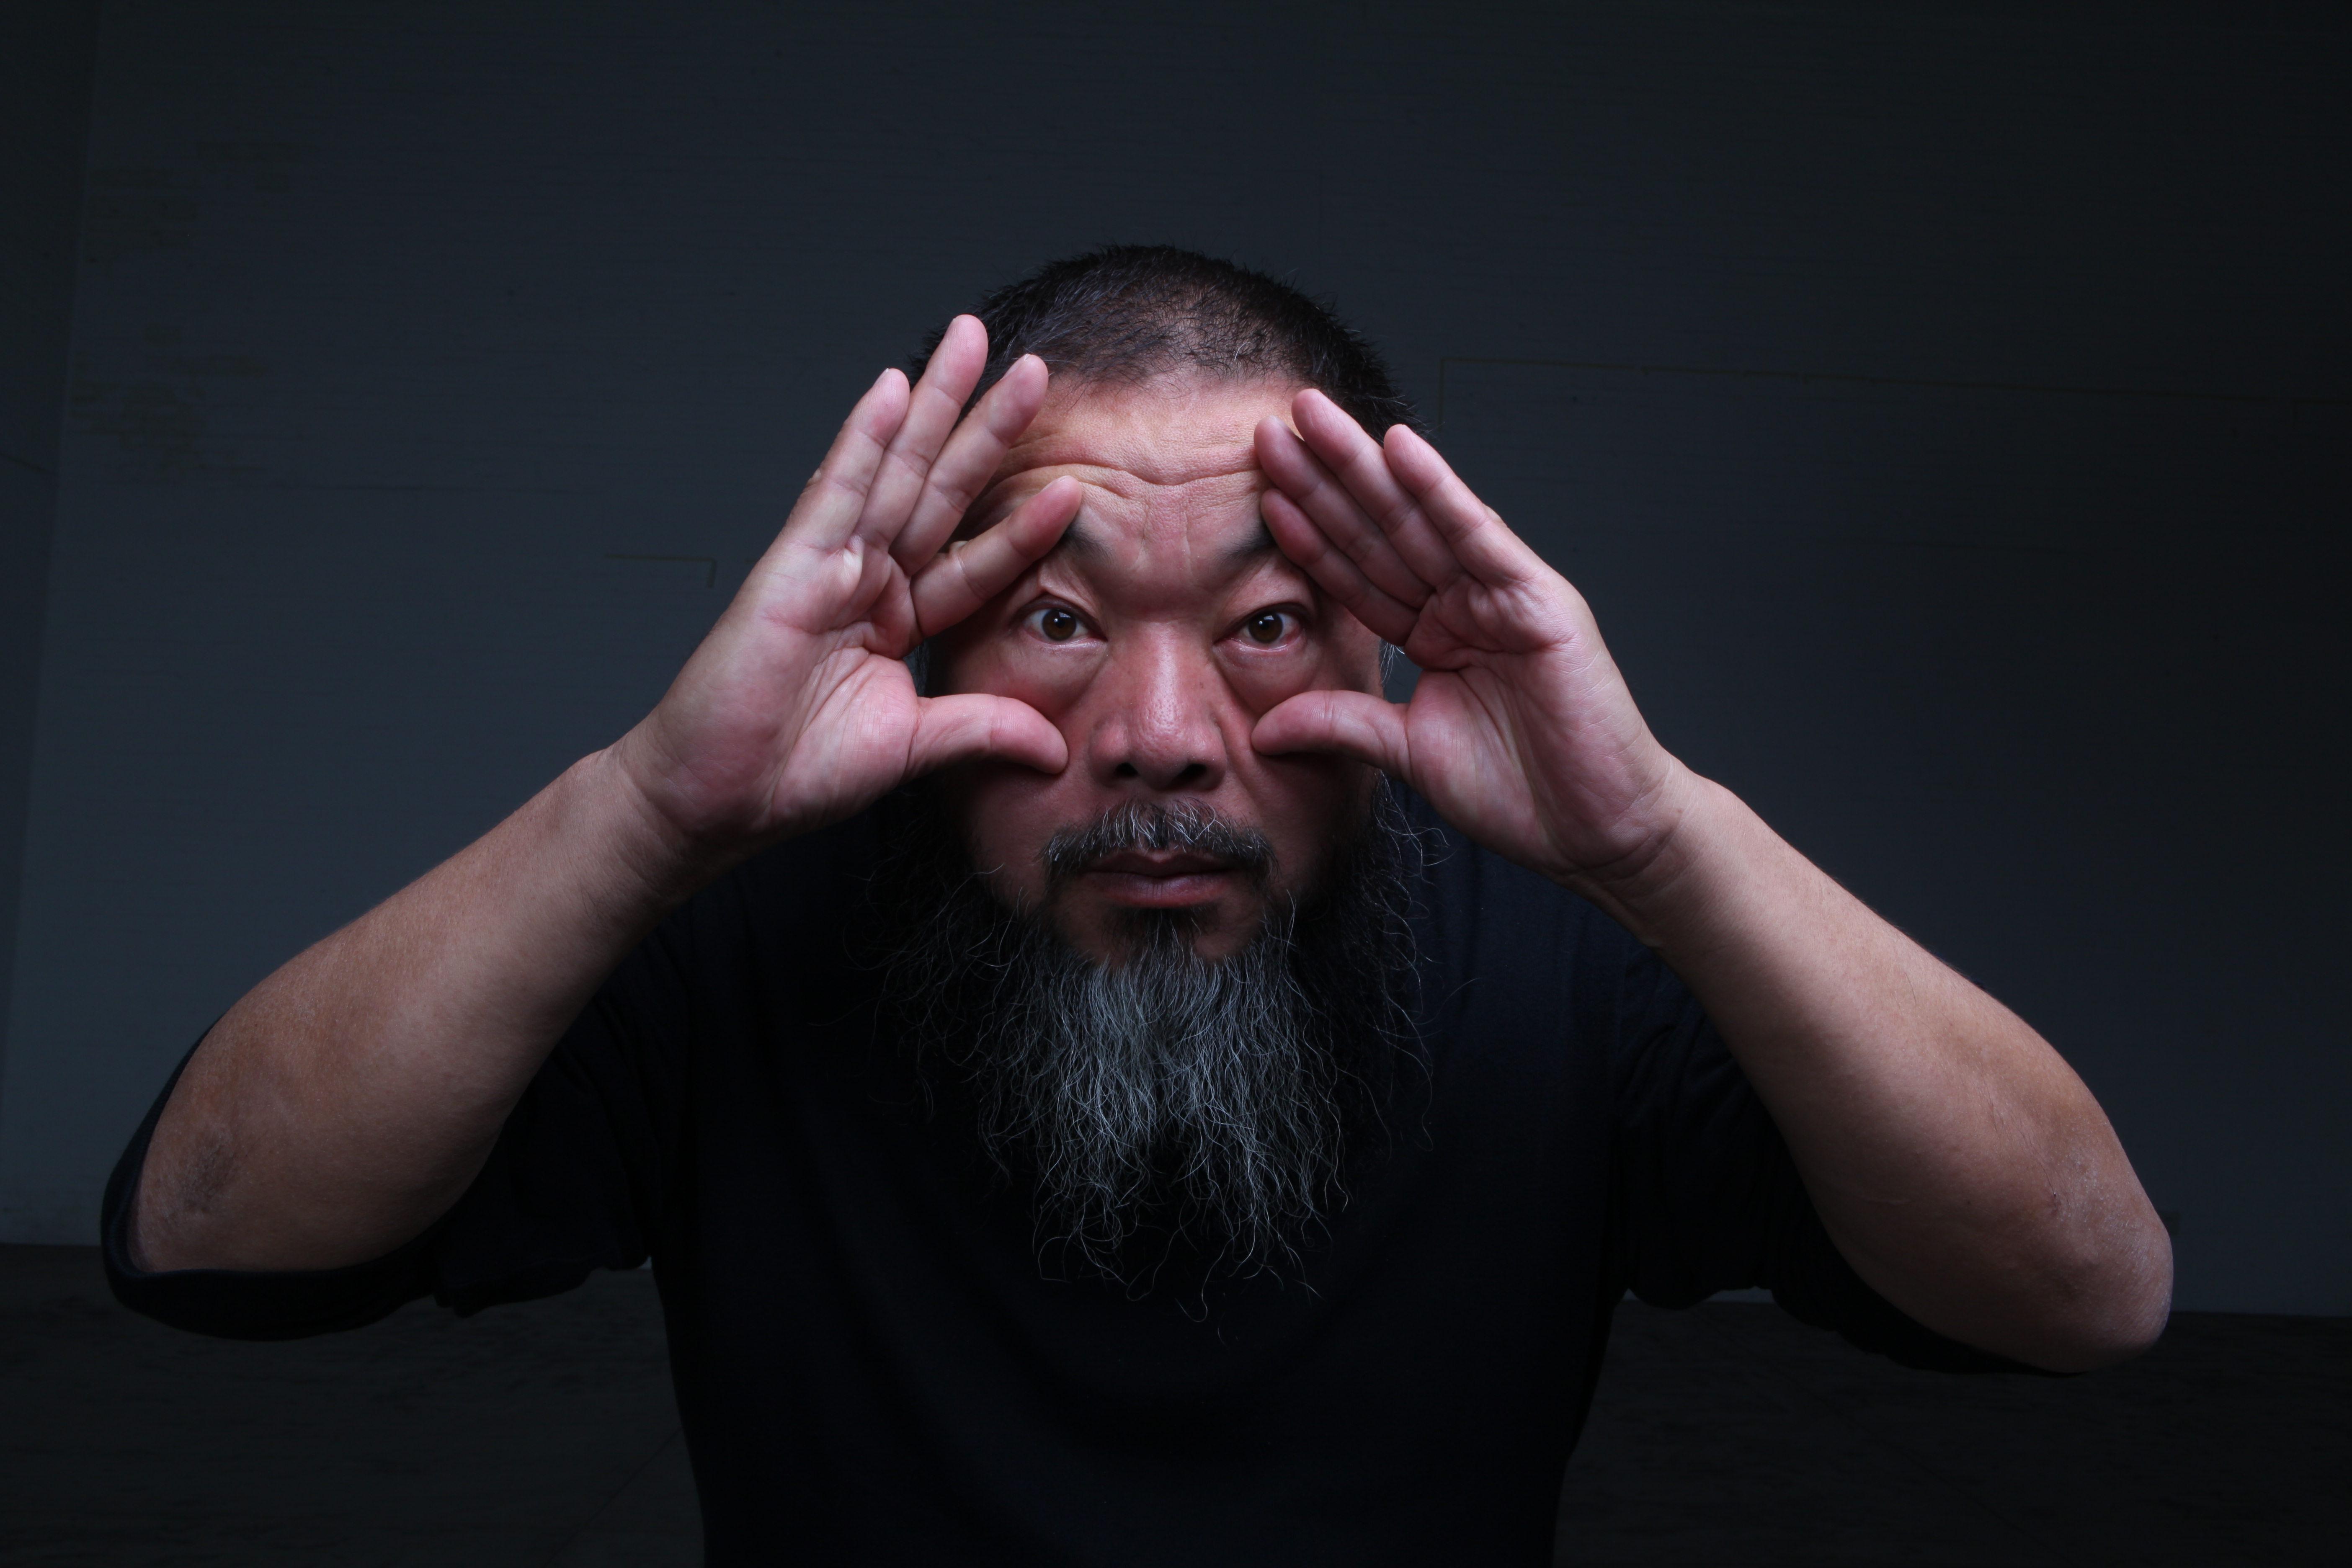 01_Portrait_AiWeiwei.jpg